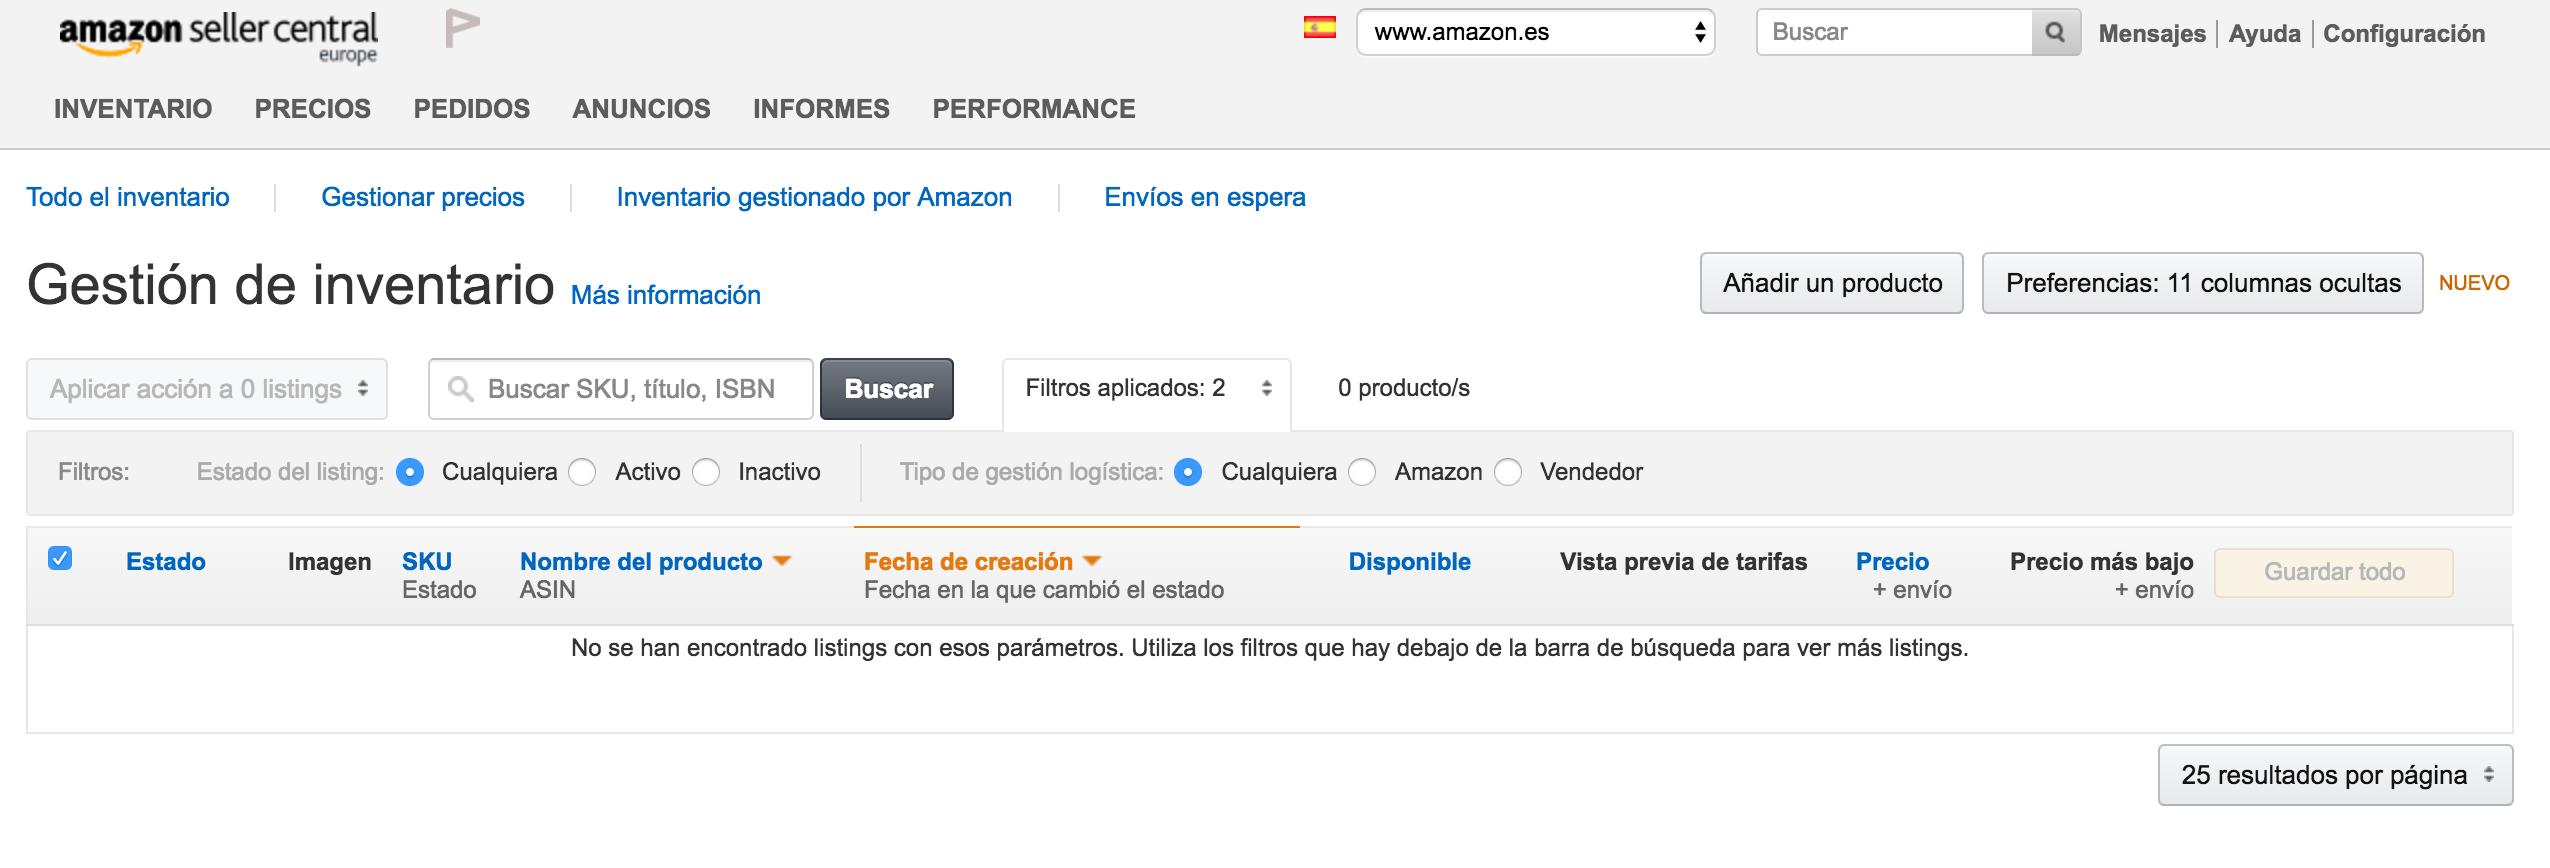 Inventario en Amazon